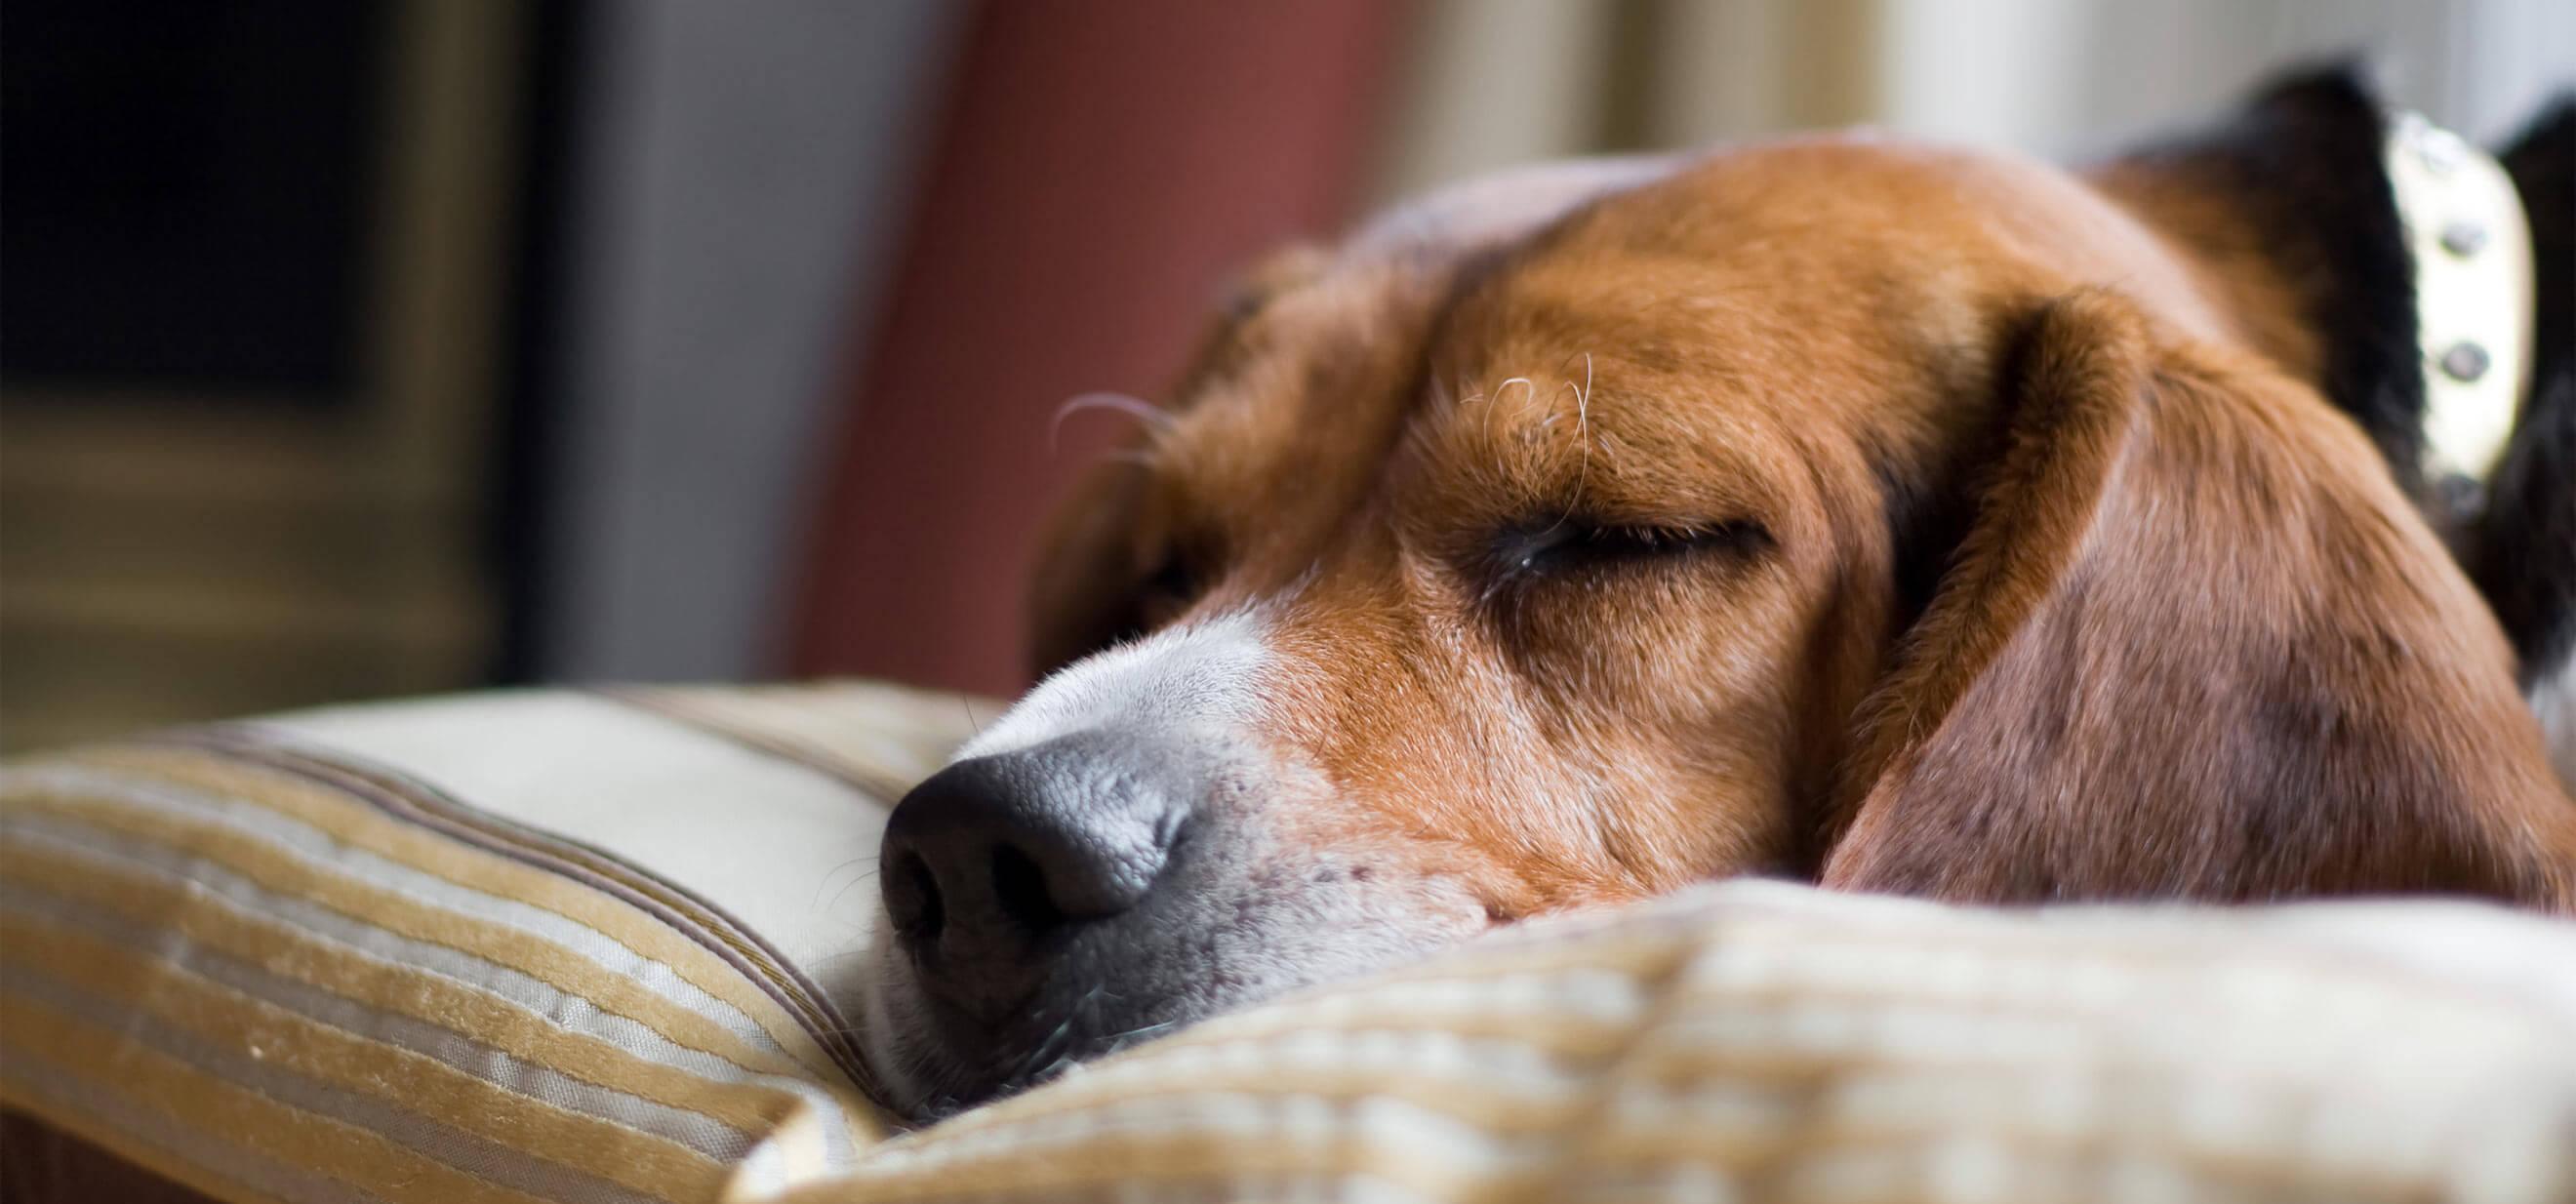 Beagle Dog sleeping on Dog Bed